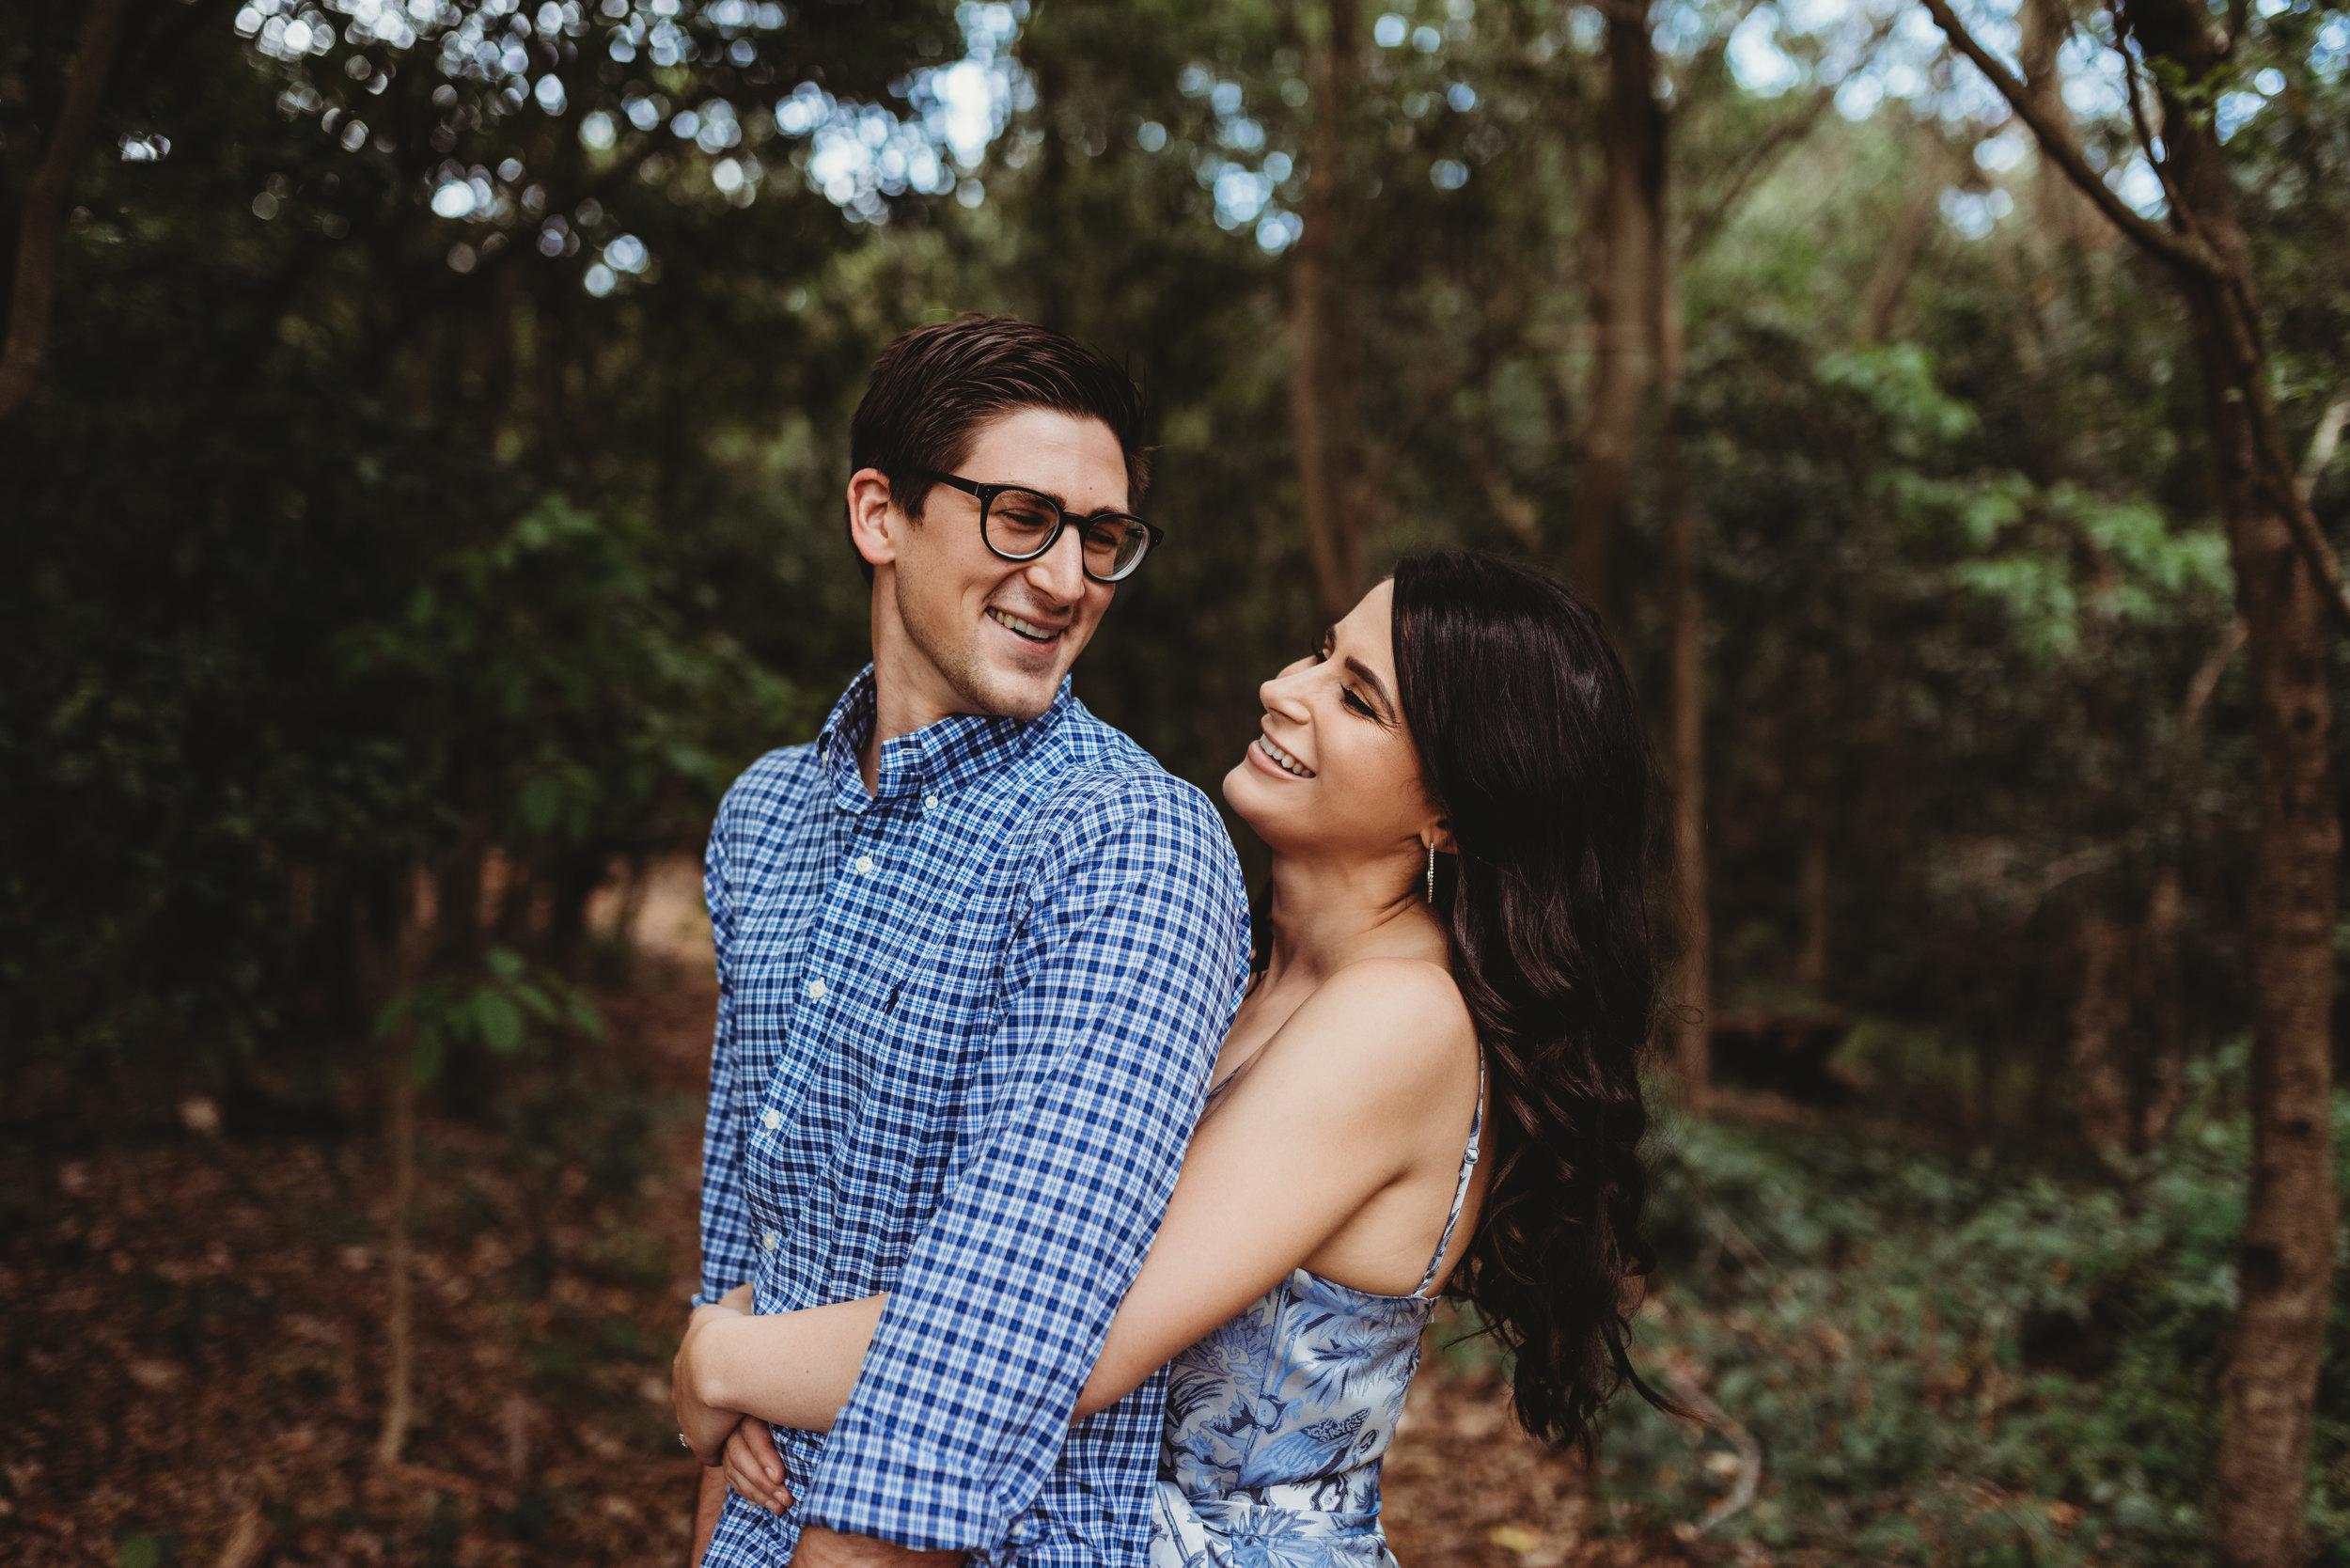 Aaya & Samuel - Wollongong Spring Engagement    16th November 2018